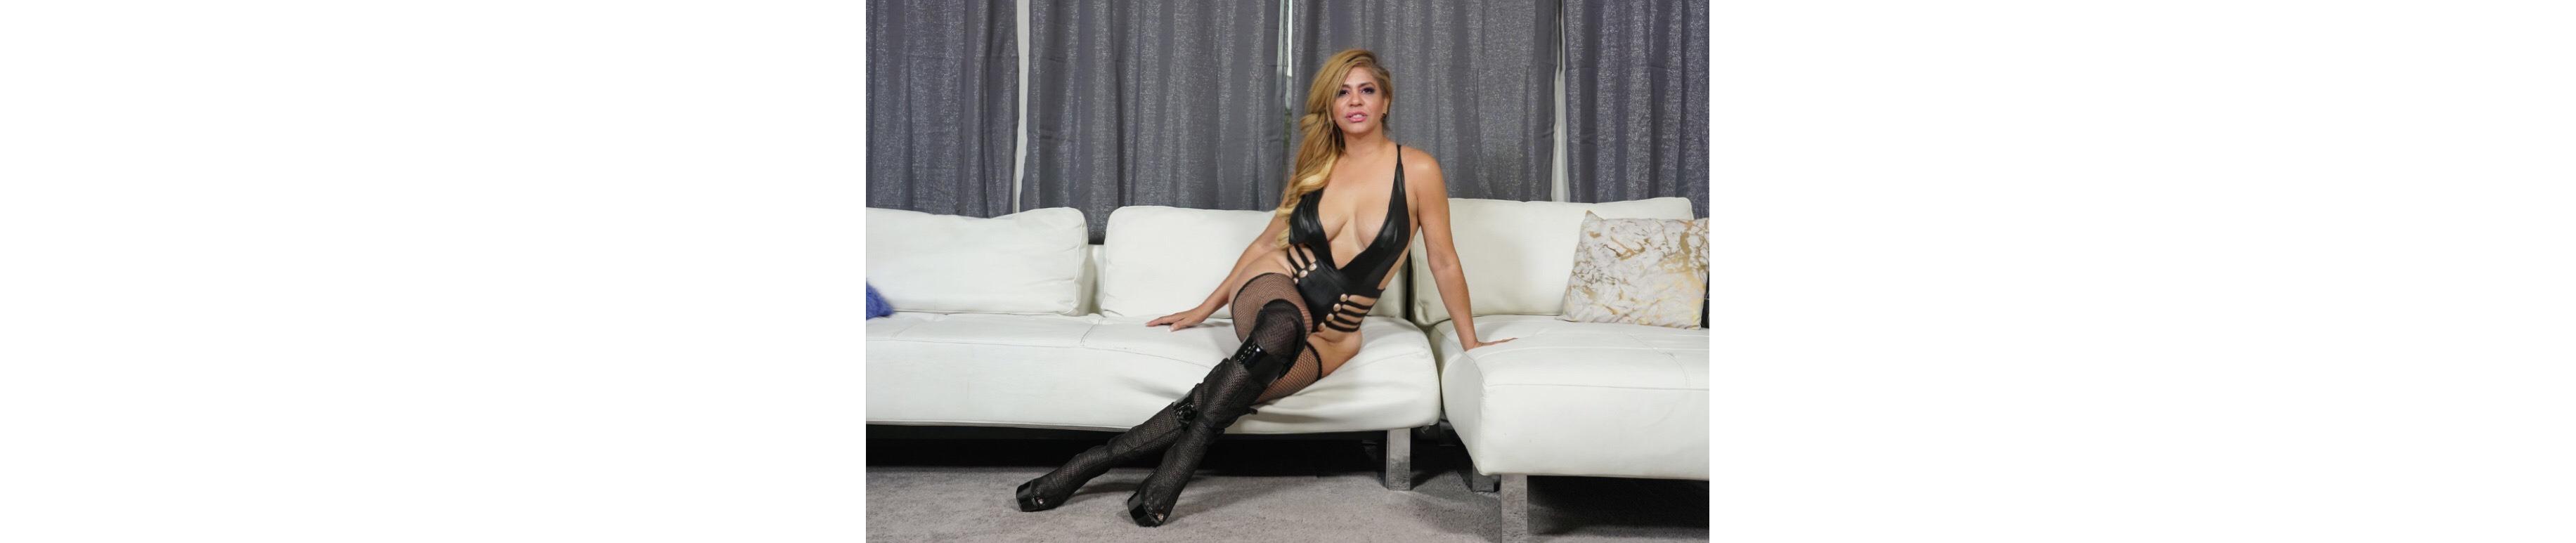 AndreaGrey - profile image